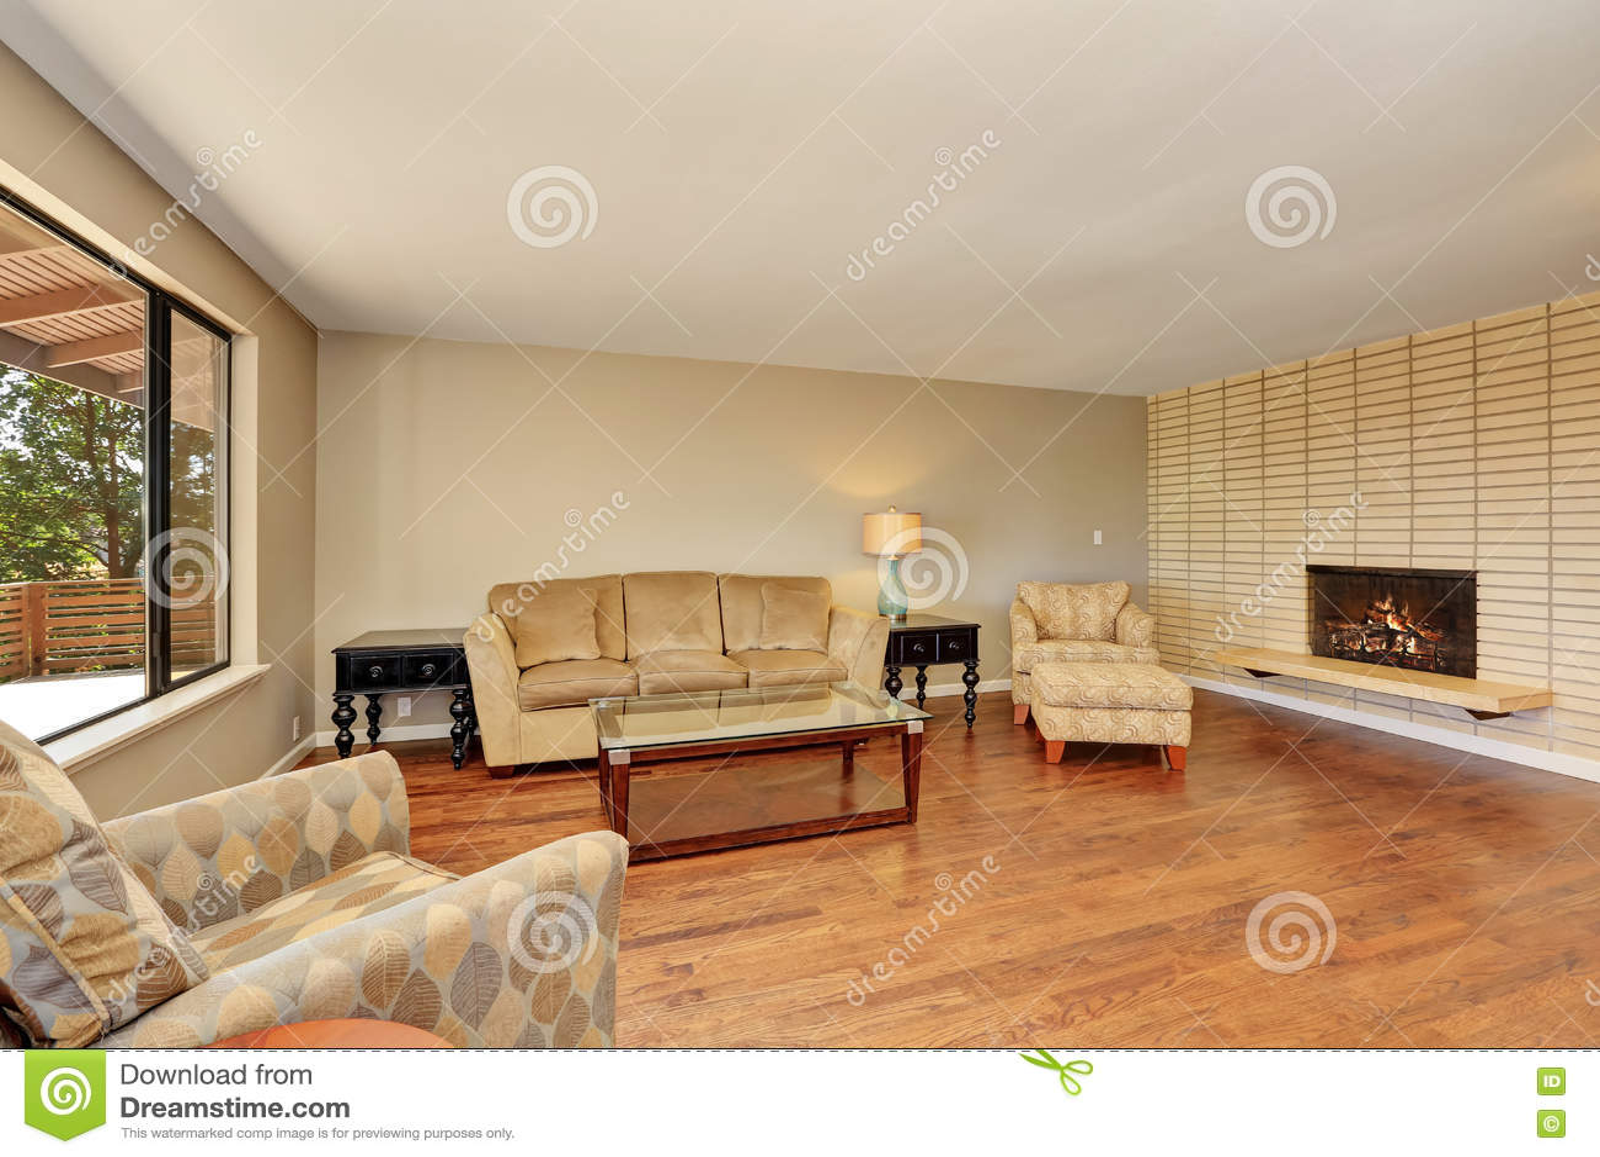 Einfaches Und Gemütliches Wohnzimmer Mit Backsteinmauer Und Kamin ...